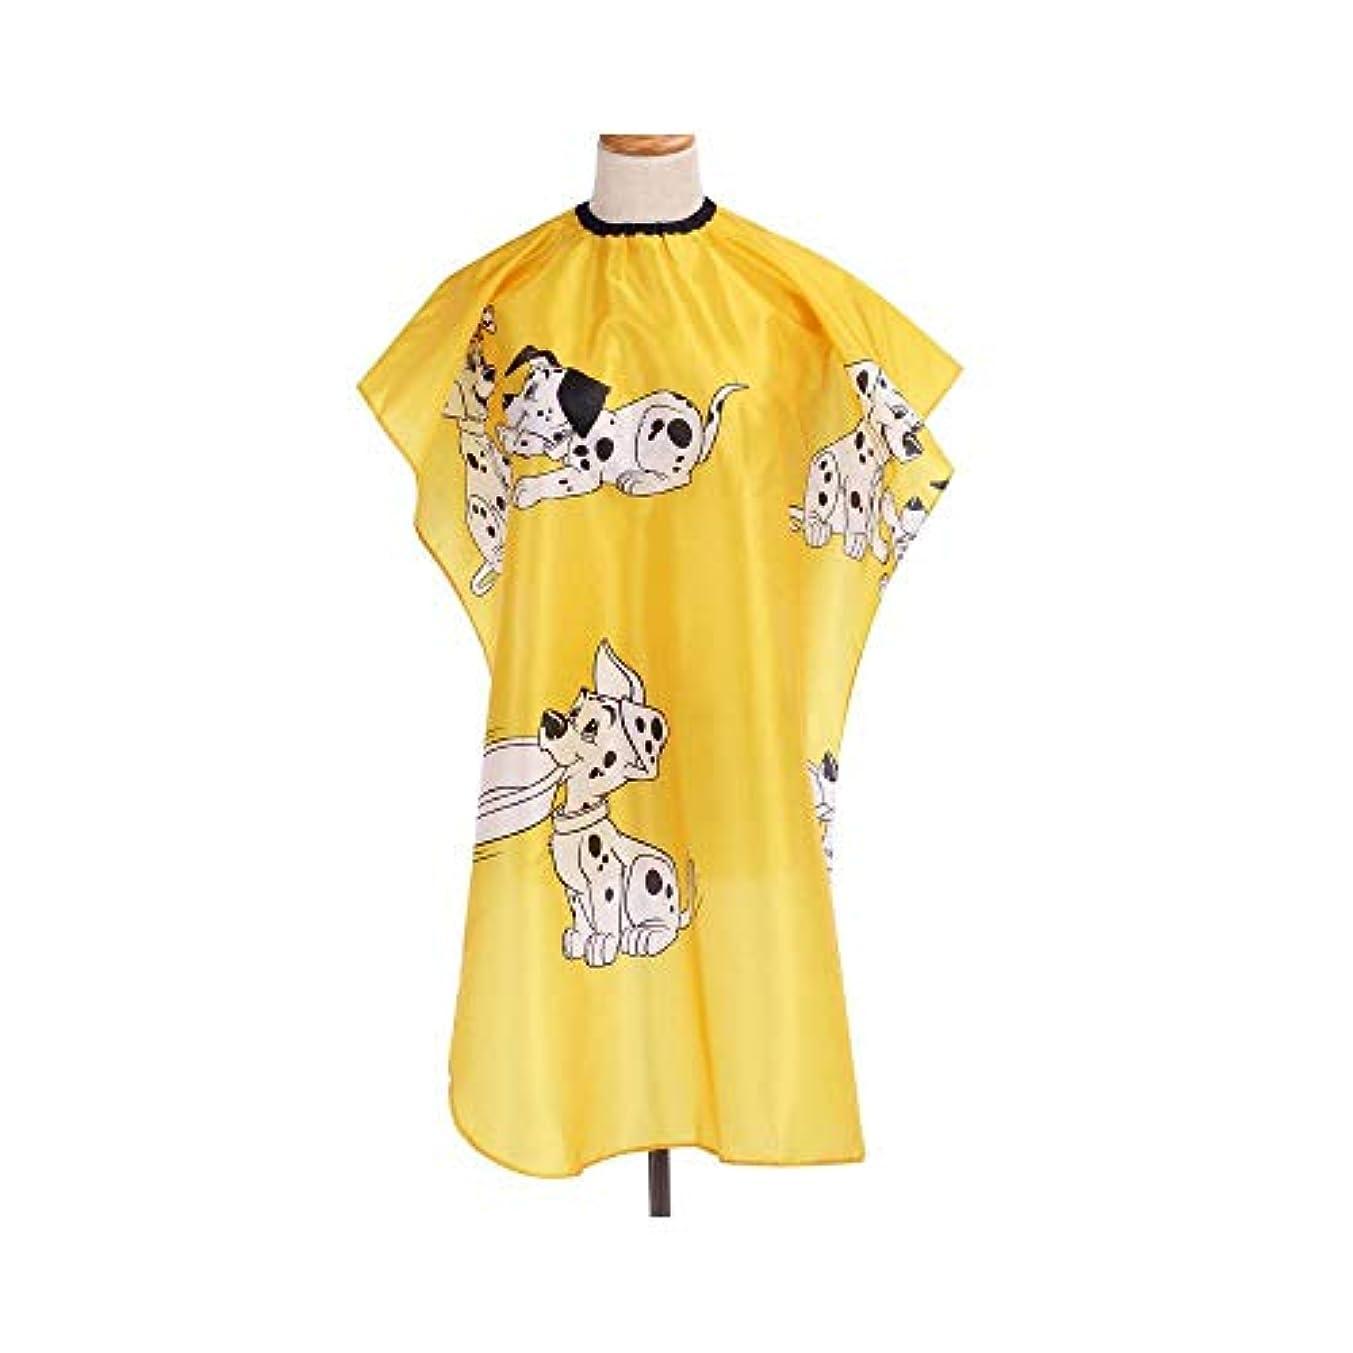 ポケットクラフトスーダンLucy Day カットをスタイリングする髪のための黄色の全身ケープユニセックスプロ美容院防水ガウン